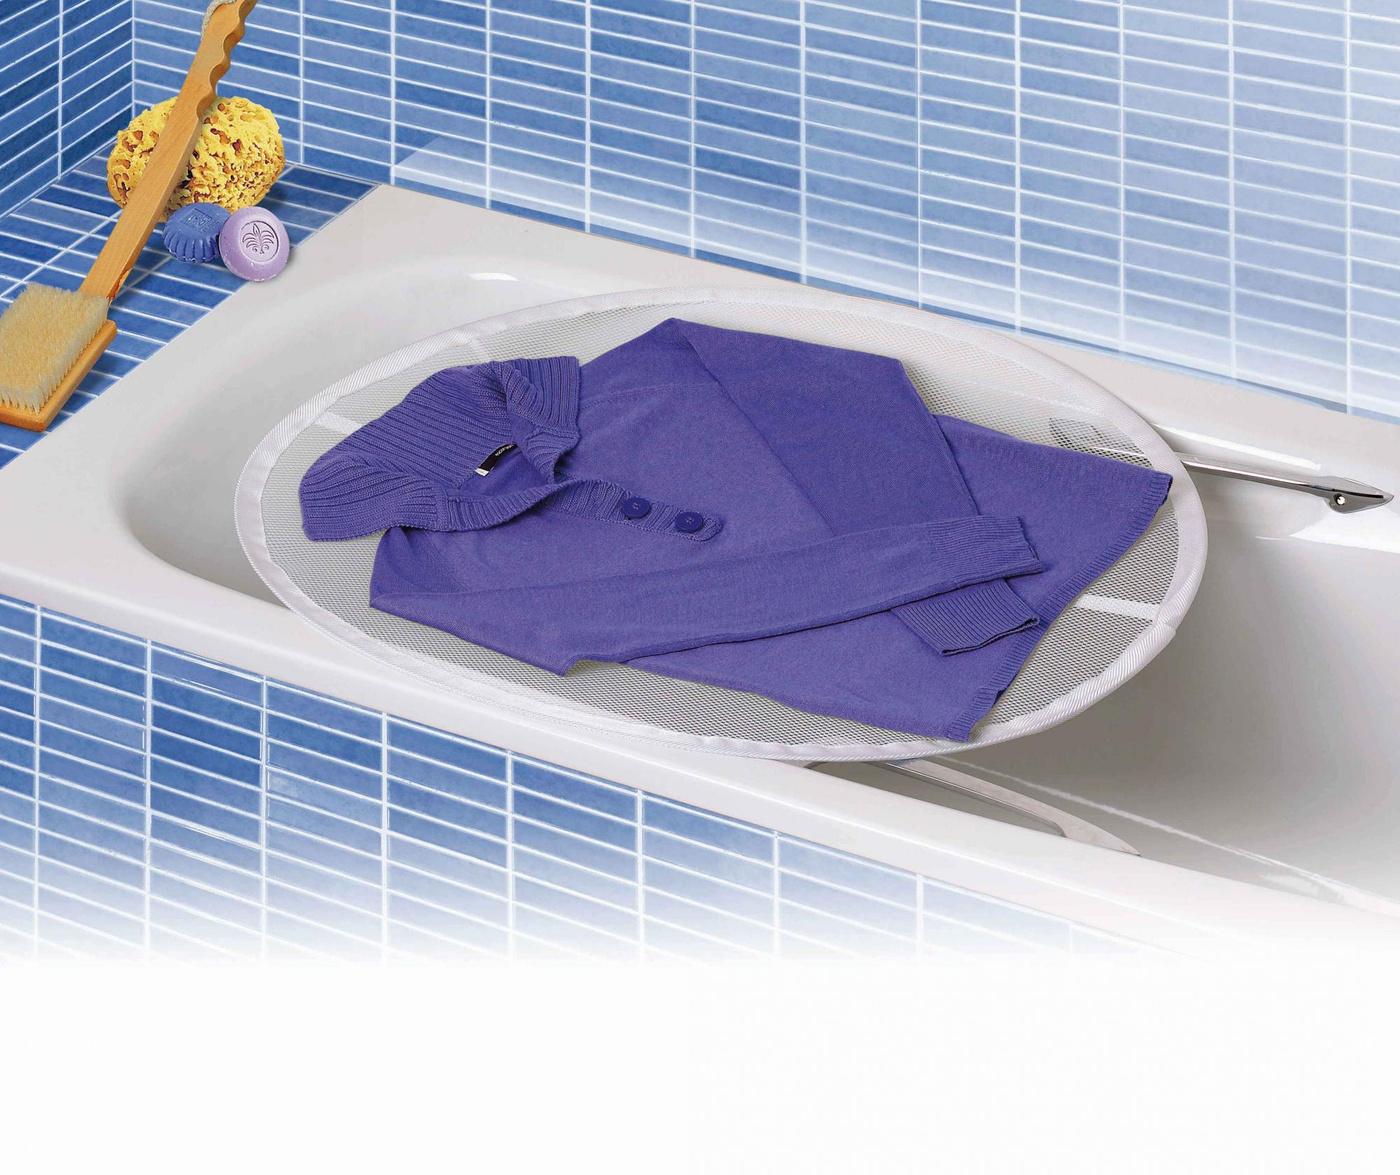 Suszarka na pranie do wanny Taylor